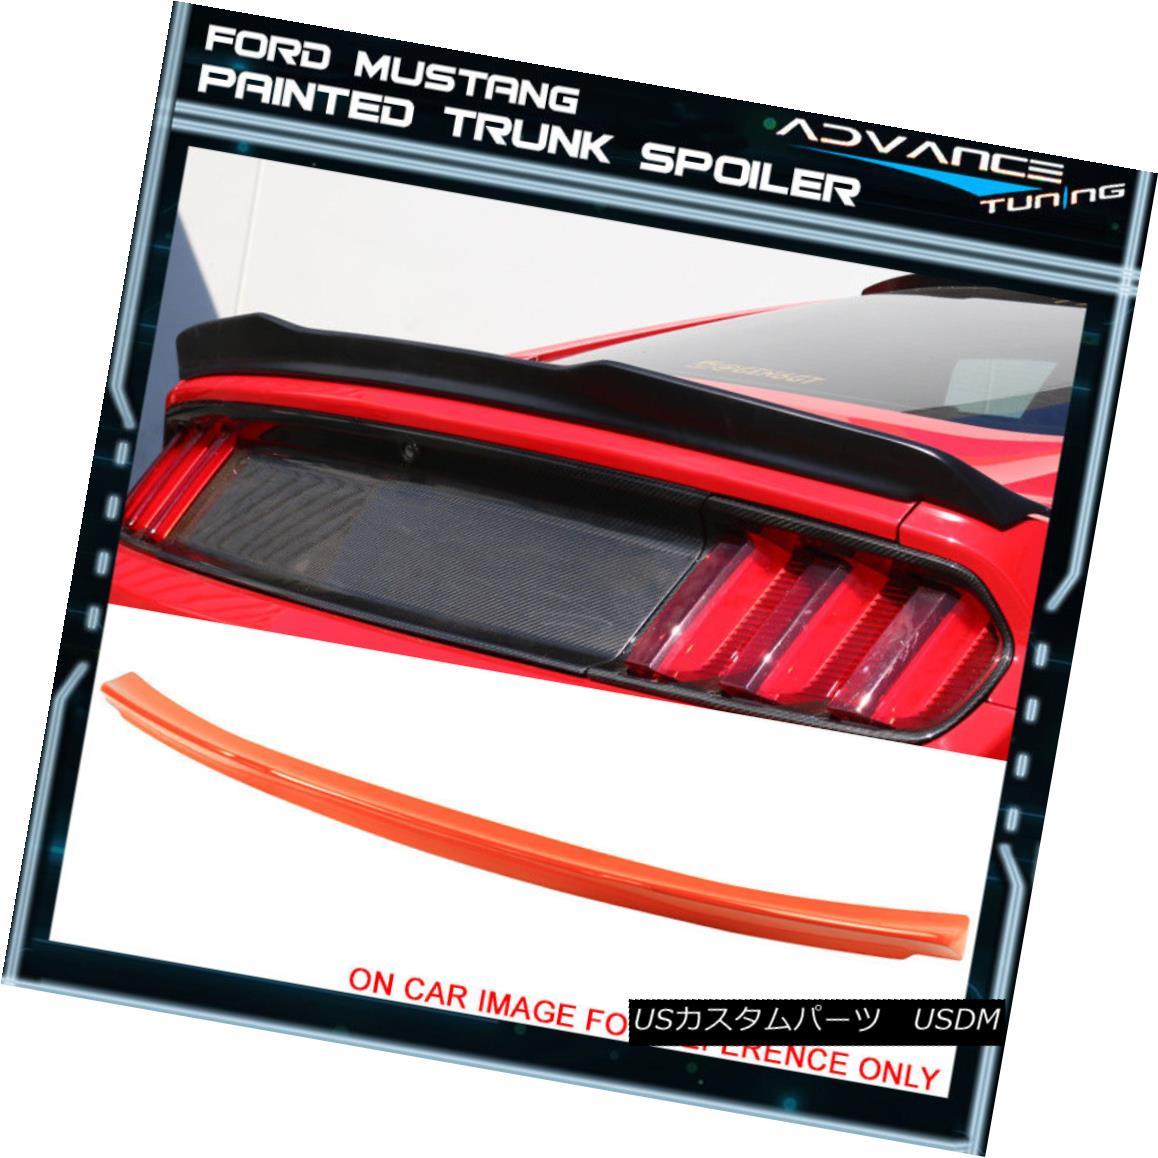 エアロパーツ 15-18 Mustang 2Dr High Kick V Trunk Spoiler OEM Painted #CY Competition Orange 15-18 Mustang 2DrハイキックVトランク・スポイラーOEM塗装#CYコンペティション・オレンジ